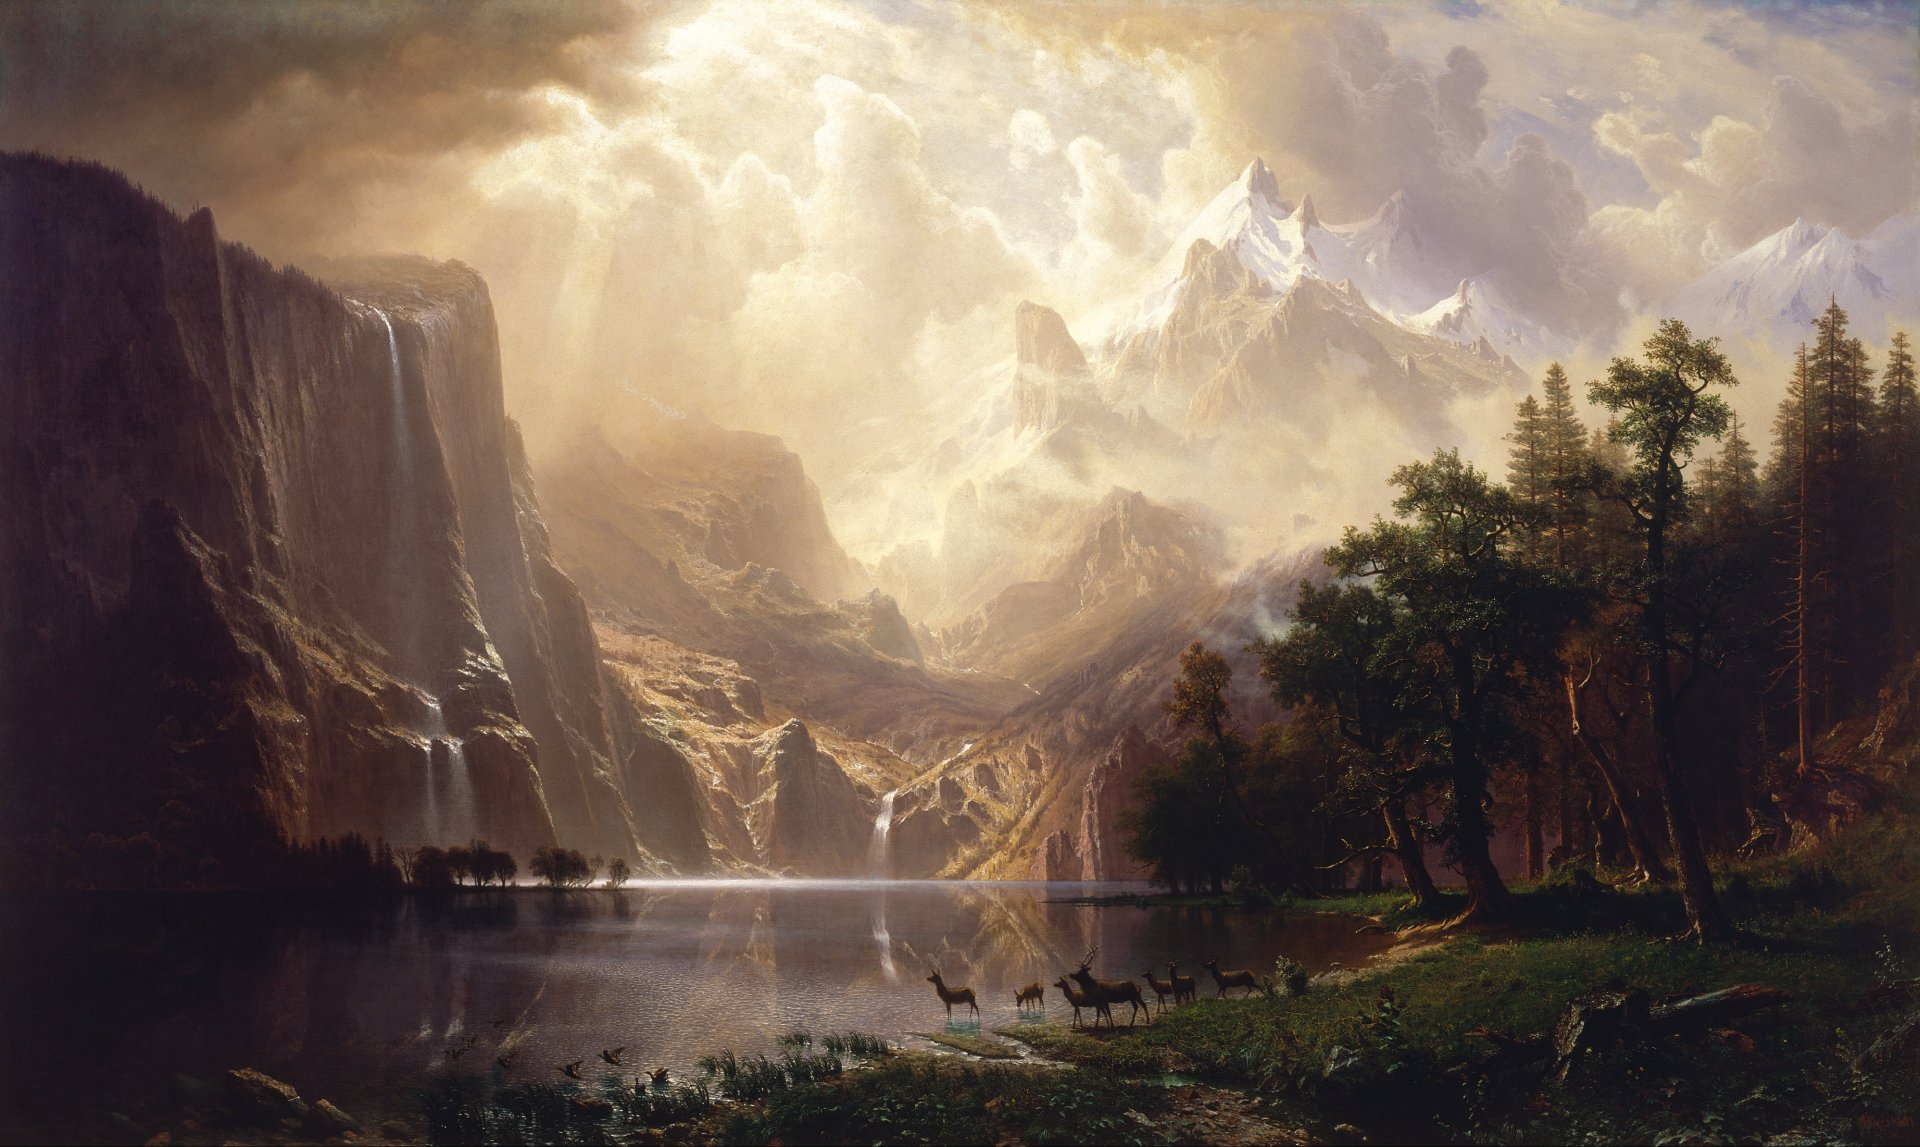 Albert_Bierstadt_-_Among_the_Sierra_Nevada,_California_-_Google_Art_Project.jpg